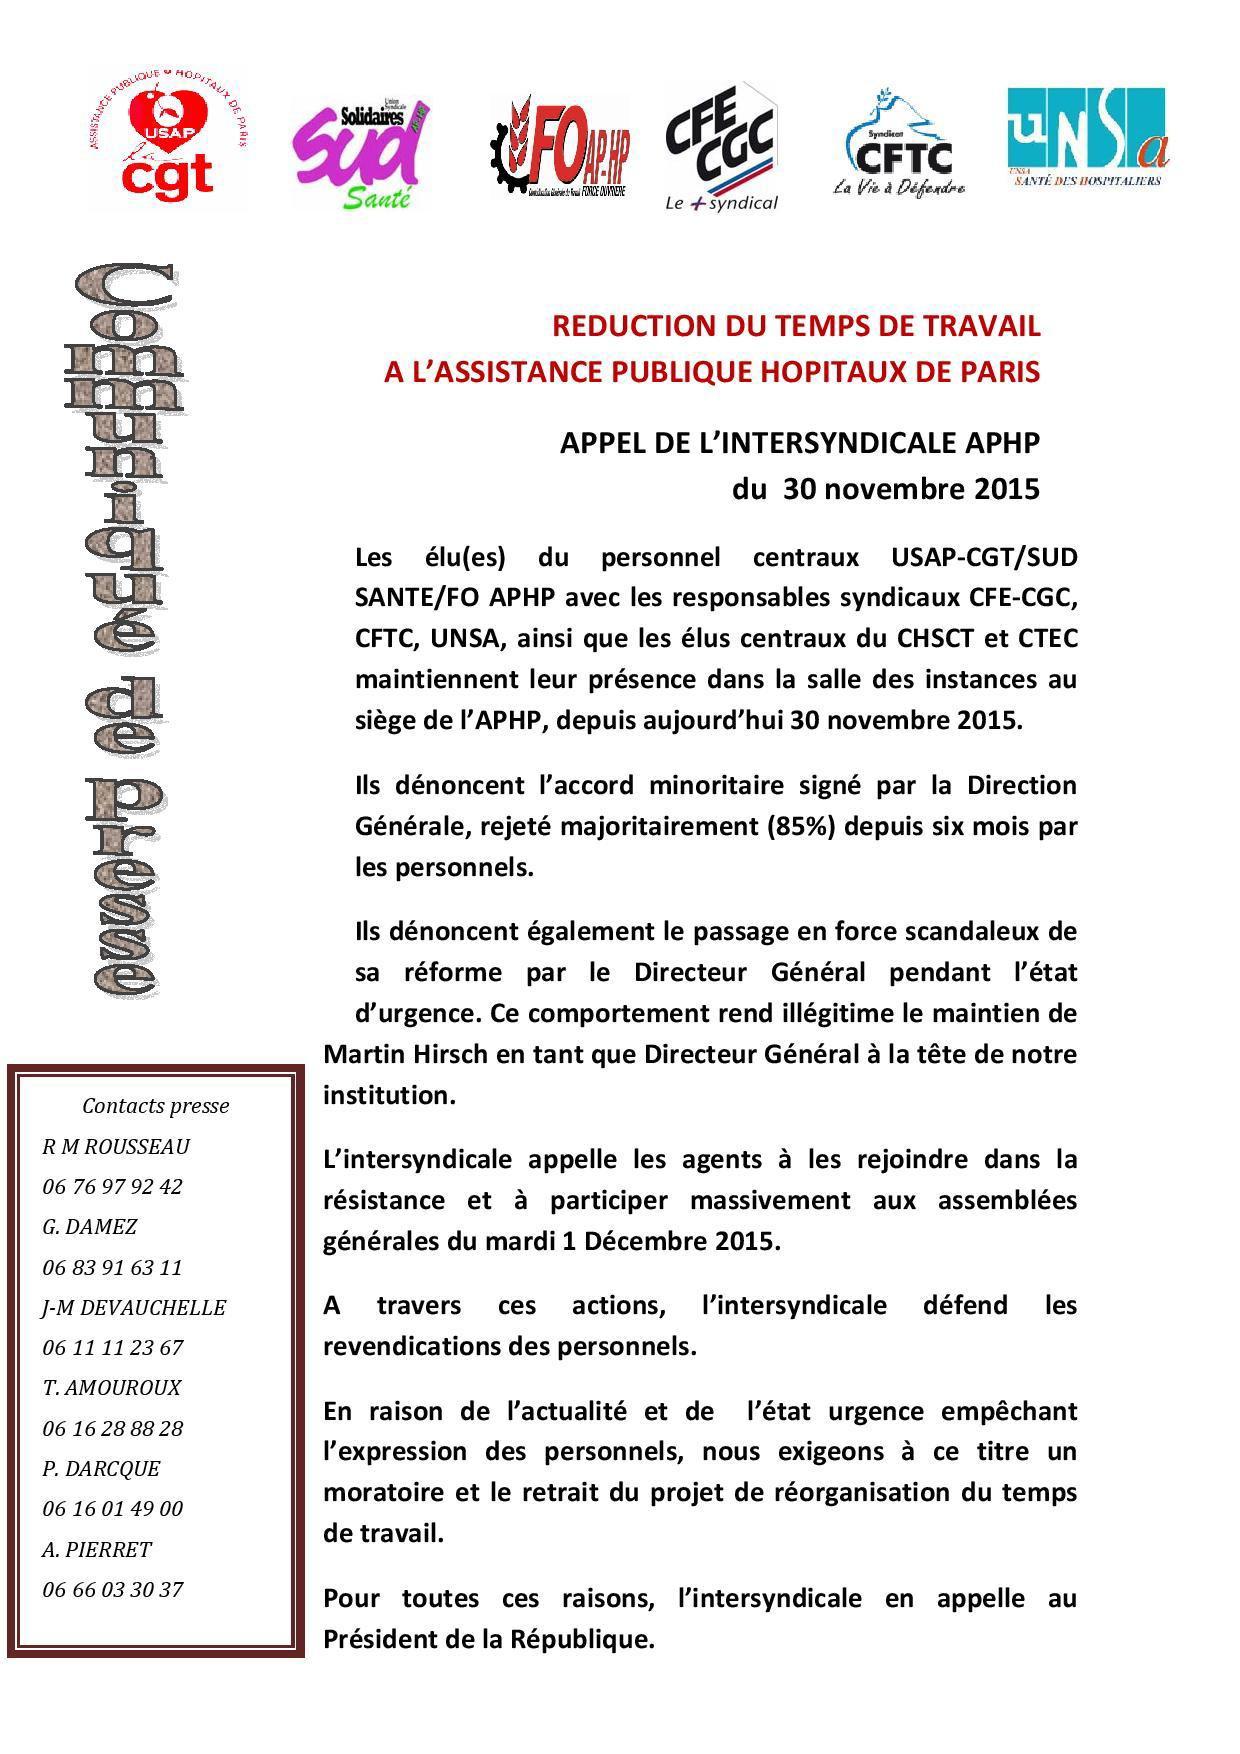 communiqué de presse intersyndical du 30 novembre 2015-page-001